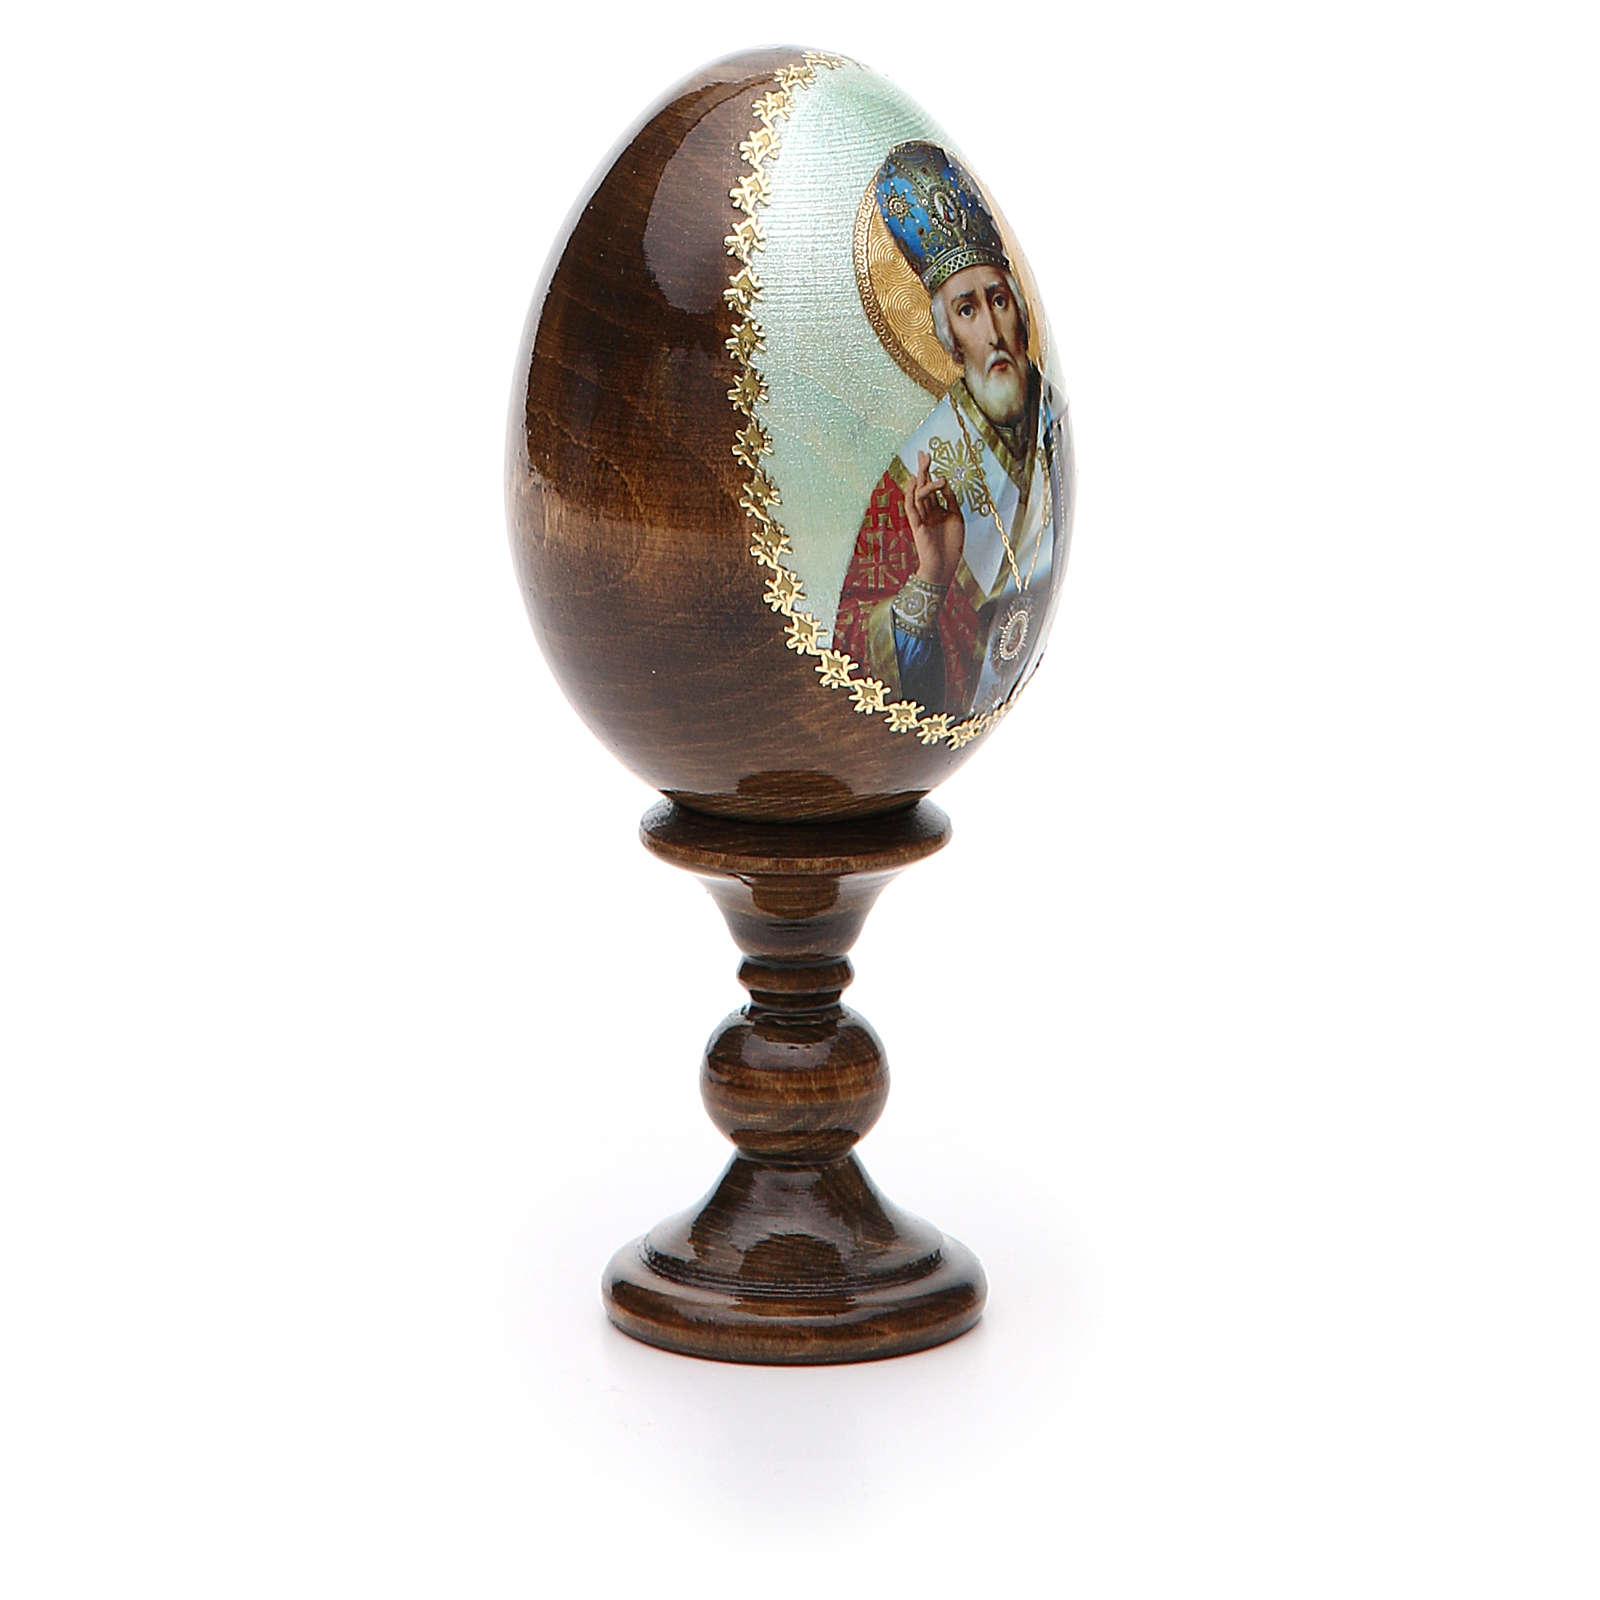 Russian Egg of St. Nicholas découpage 13cm 4